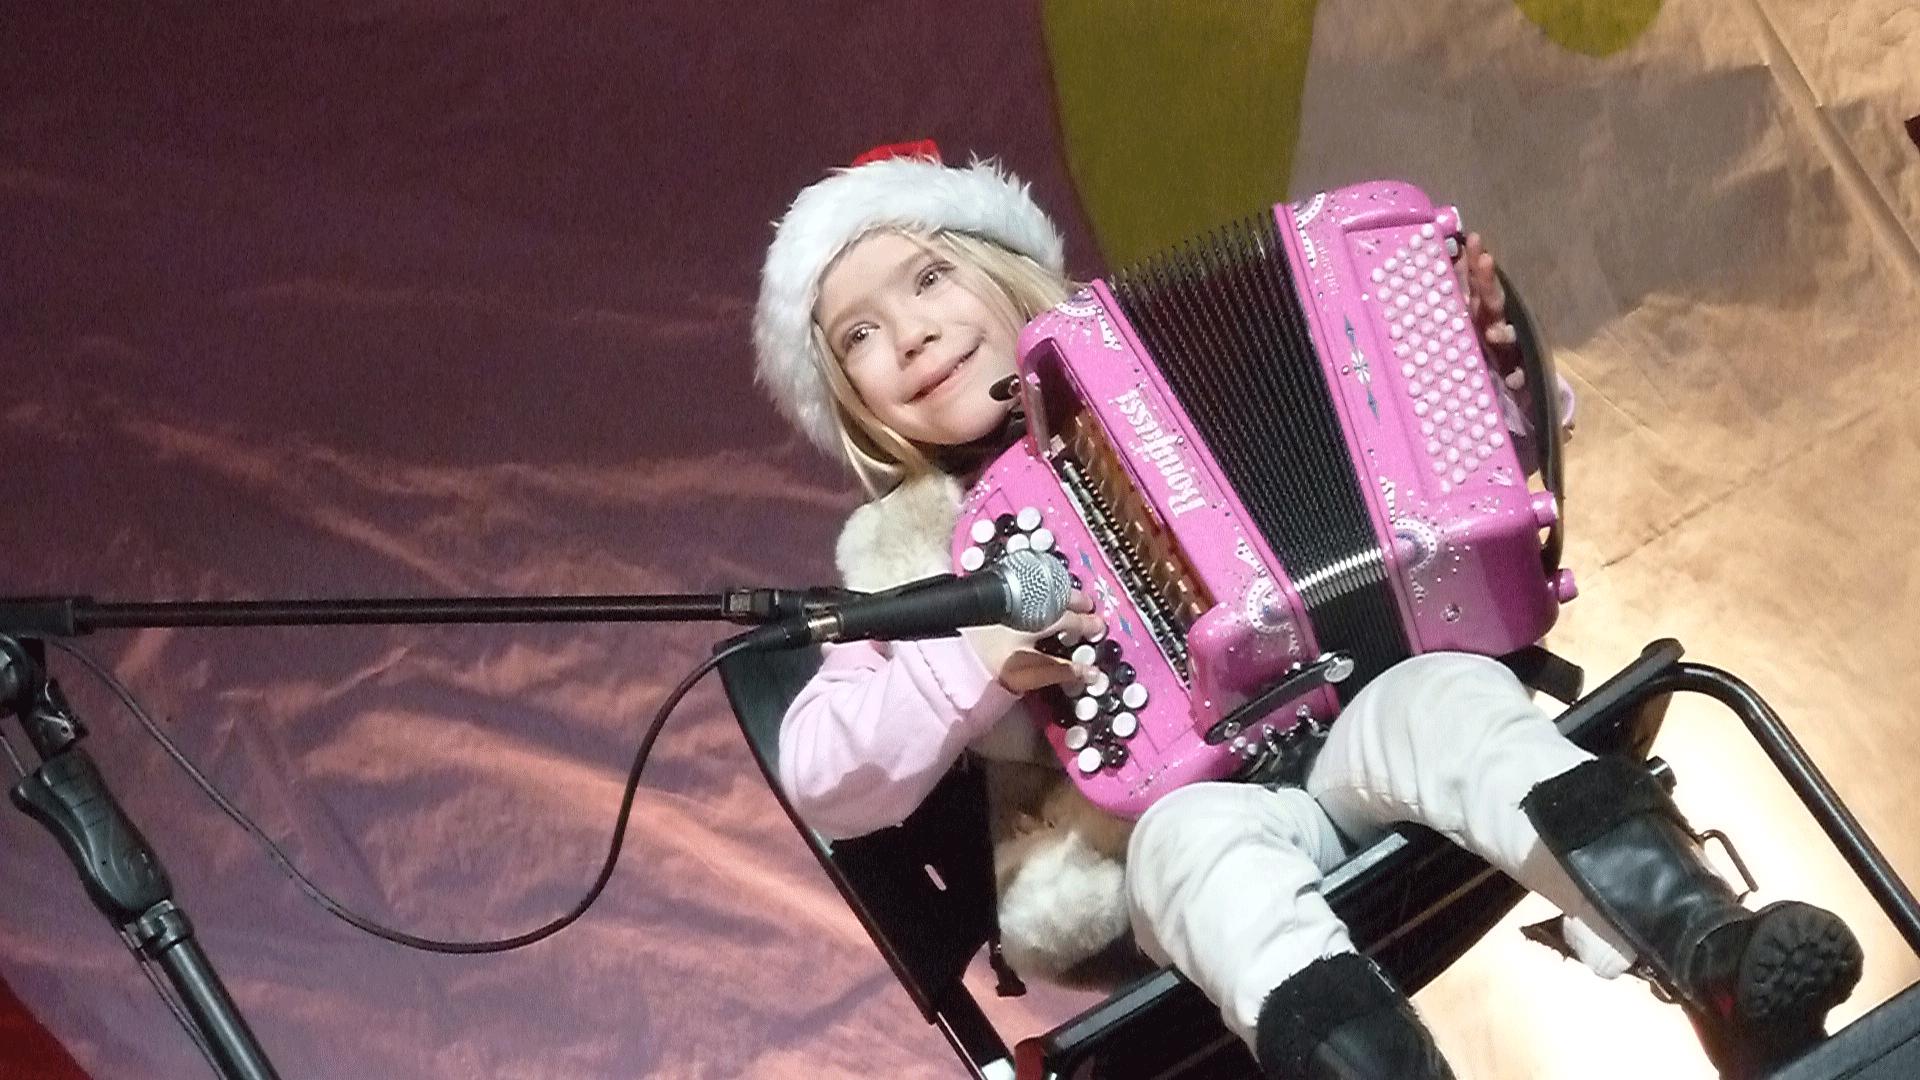 6-2014-PARIS-Noël-aux-Halles-orchestre-de-variété-Madlyn-enfant-accordéon